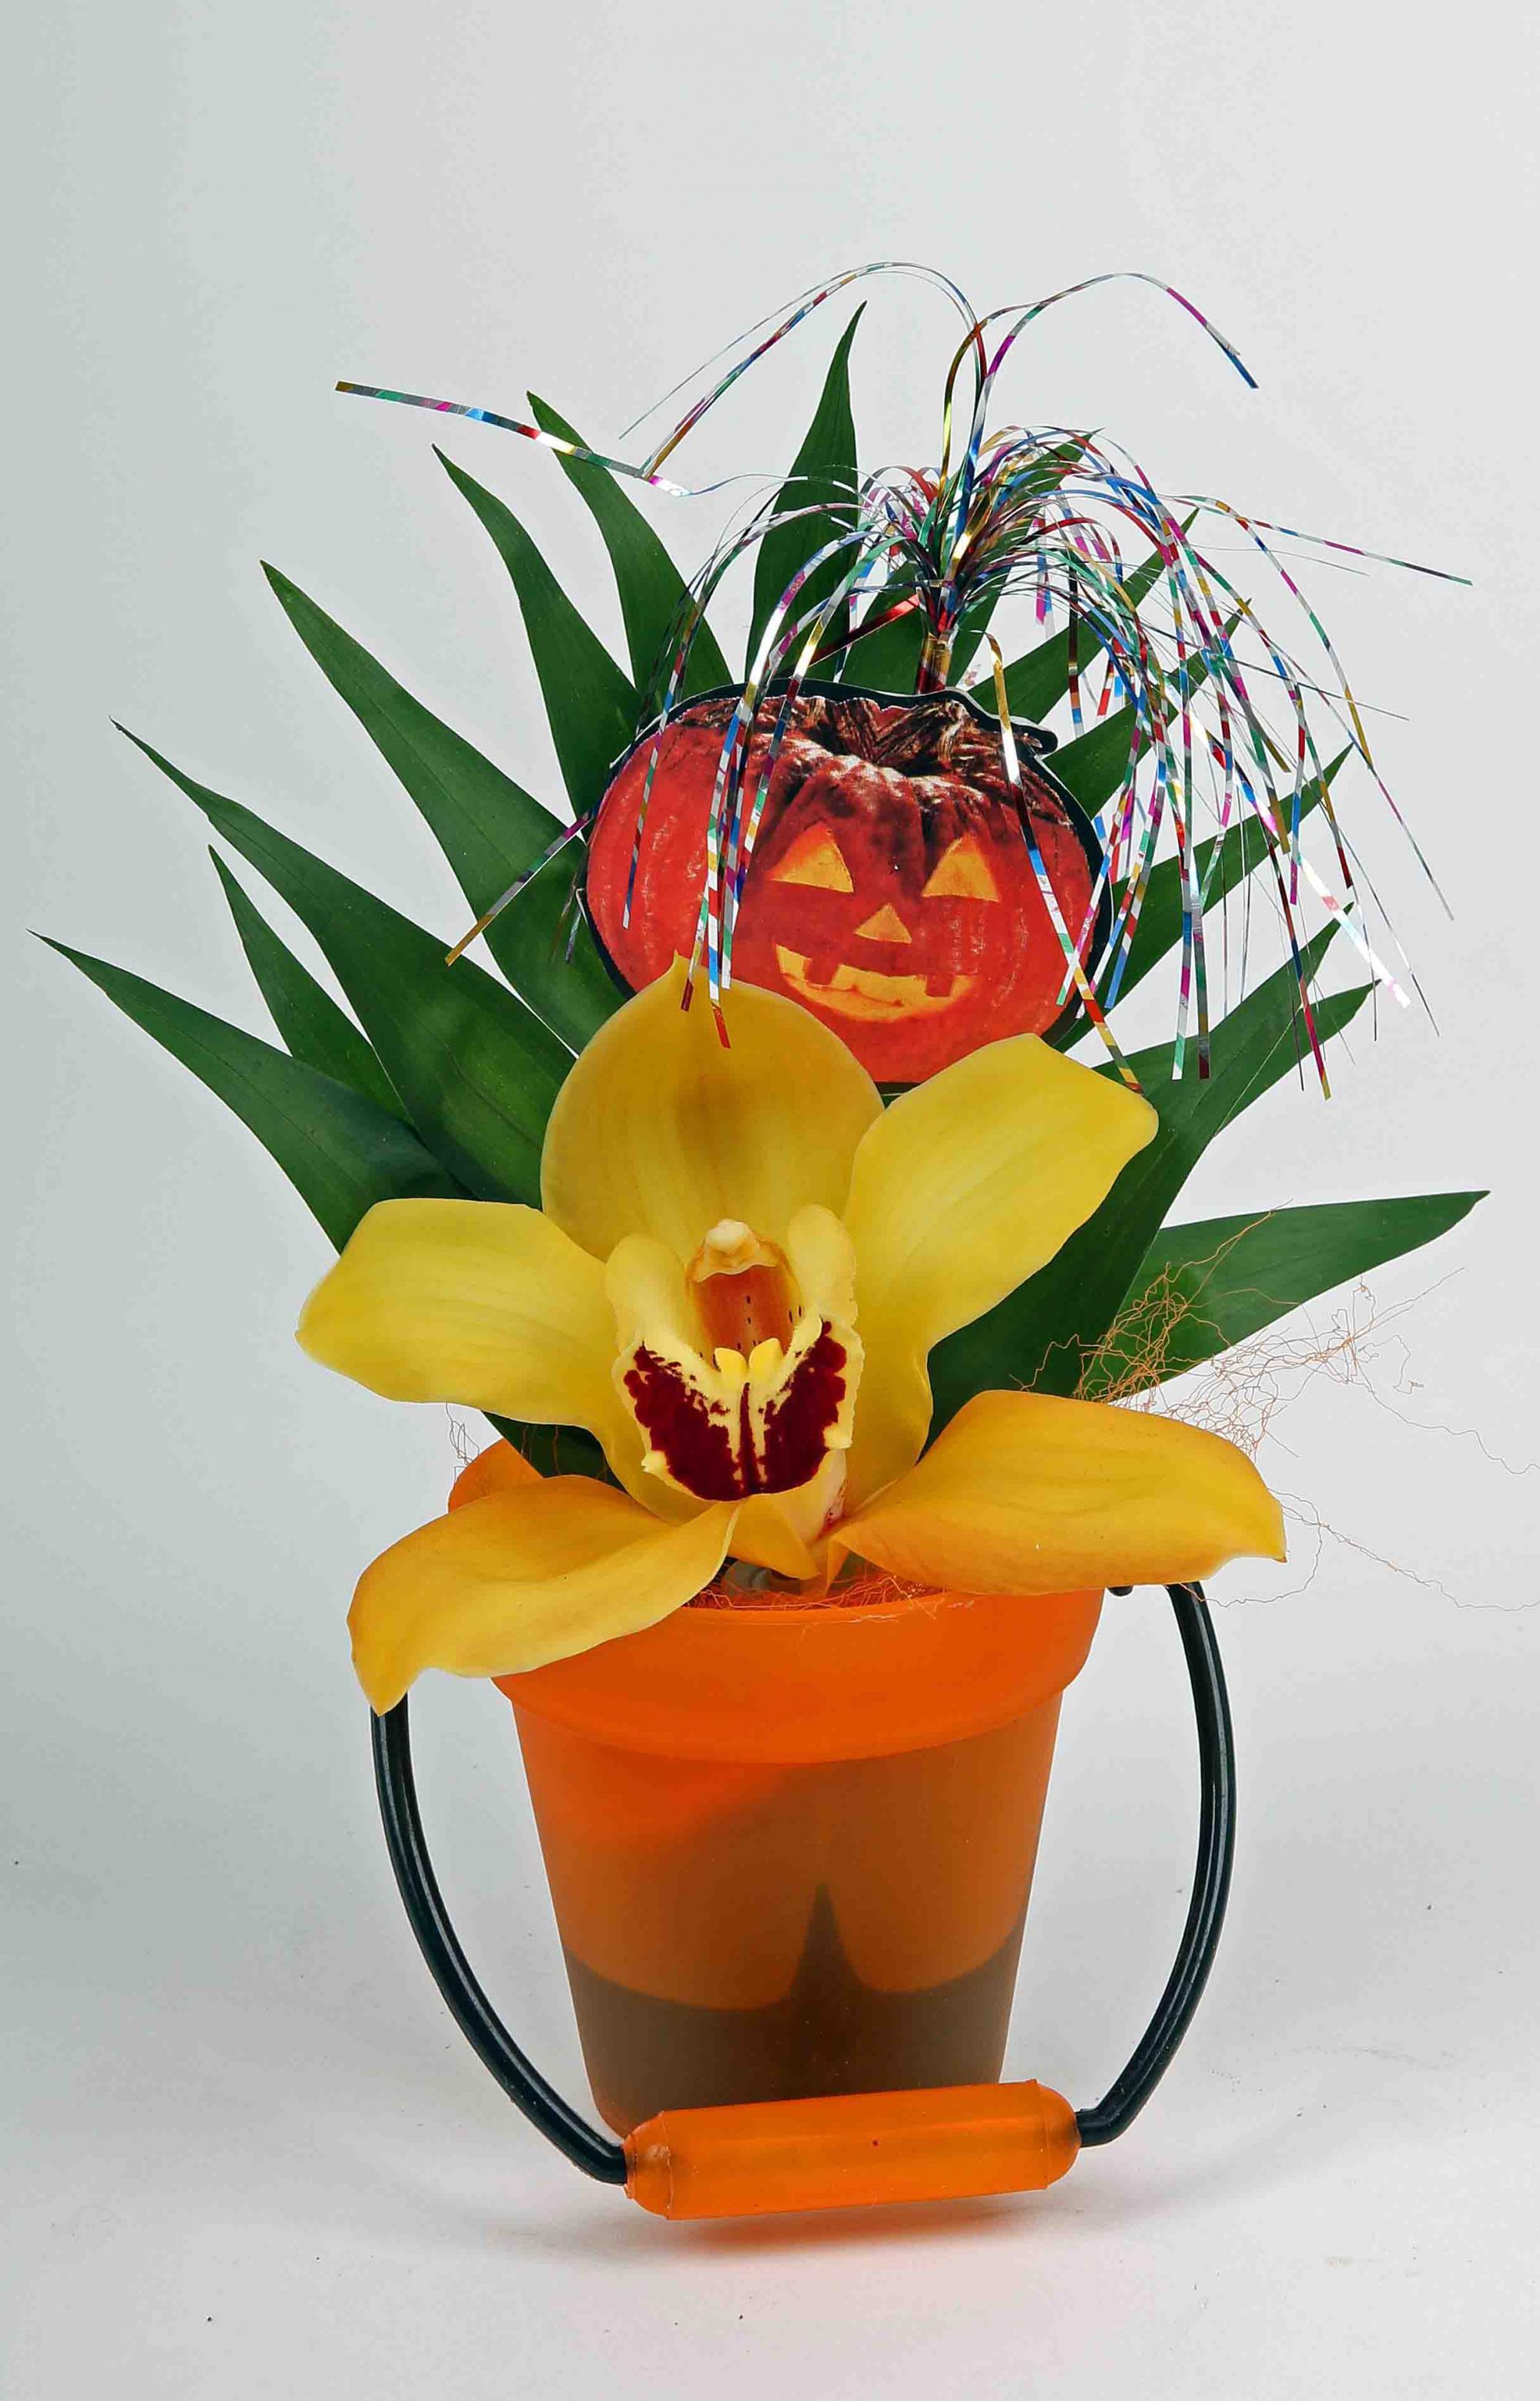 Emmertje met 1 orchidee